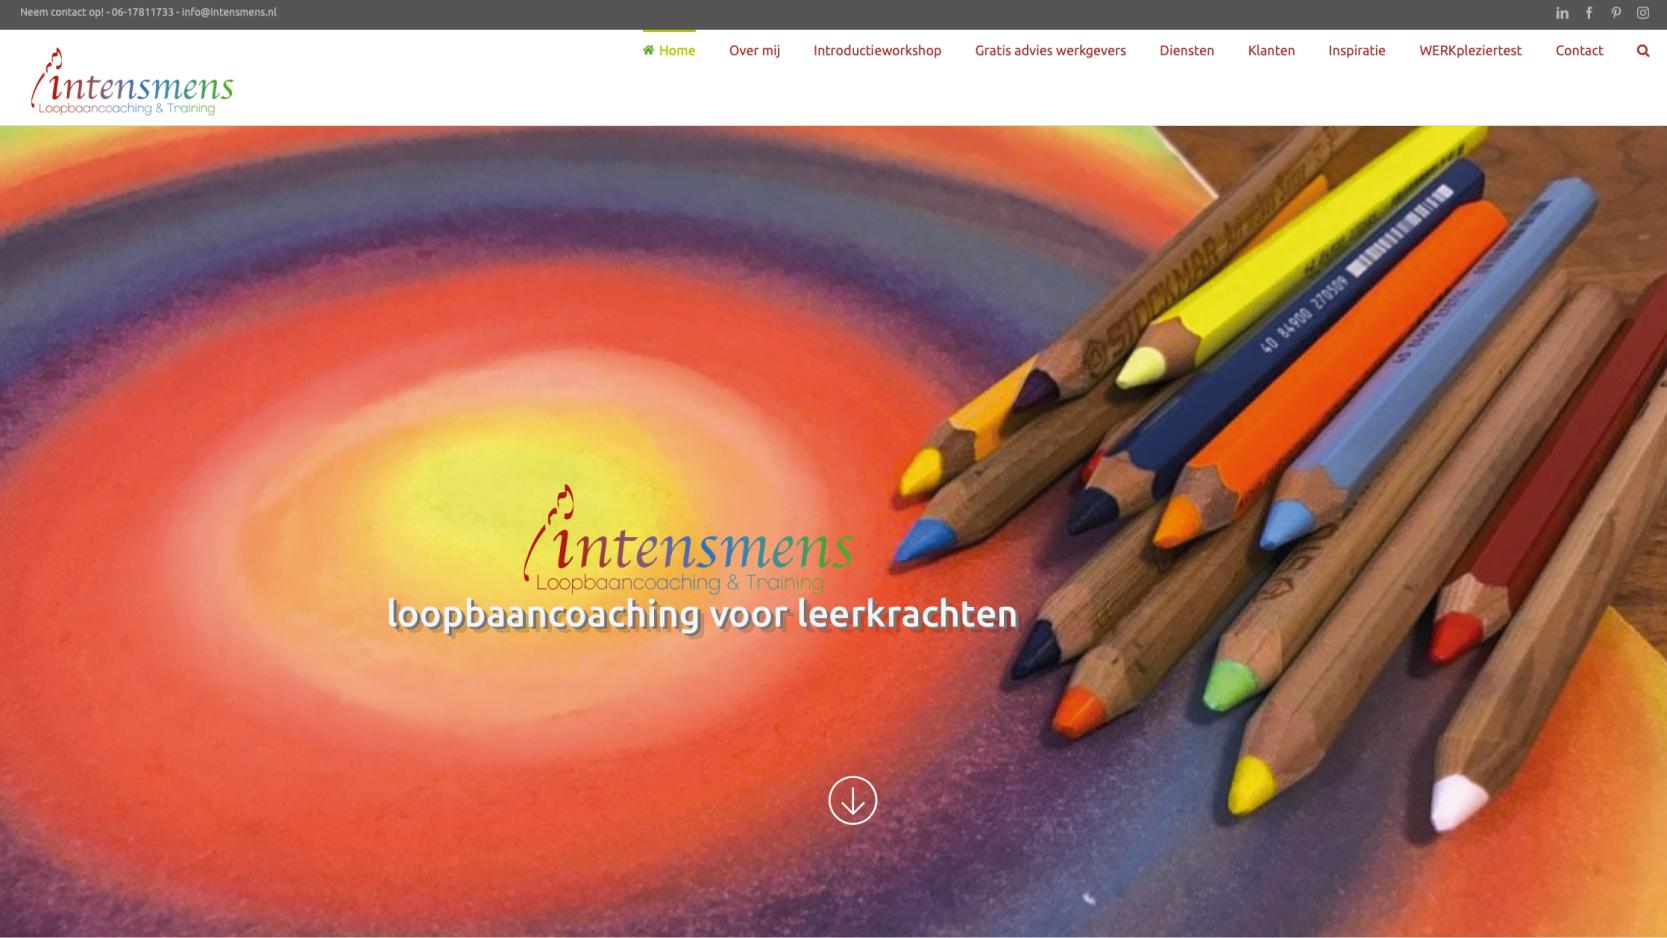 Website gemaakt door Grip op bedrijfsgroei